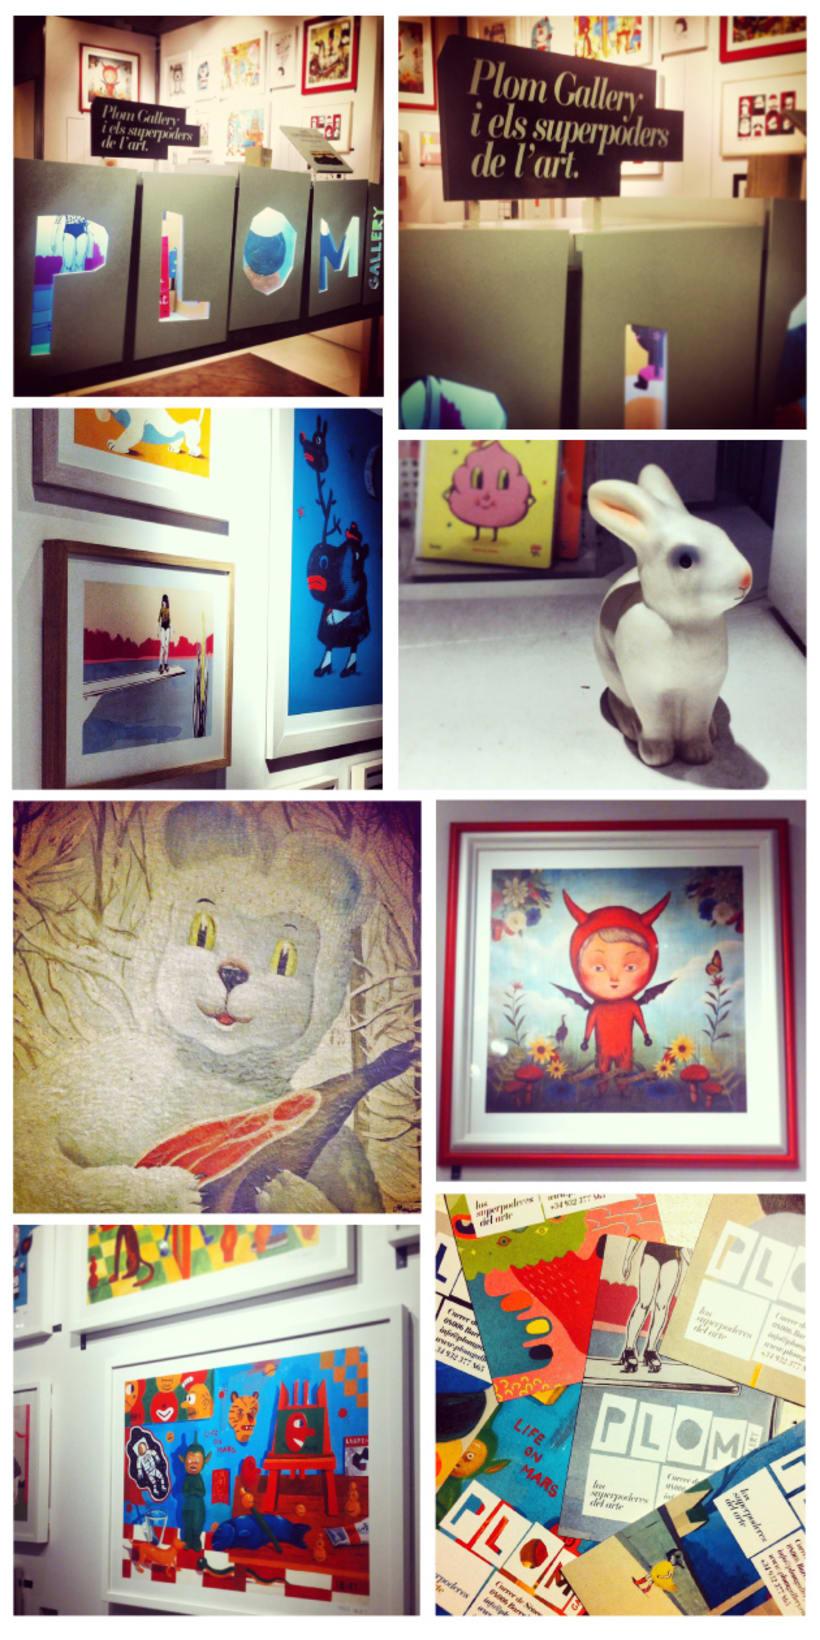 Kokekokkó Kids&Trends / Kokekokkó Studio. 6